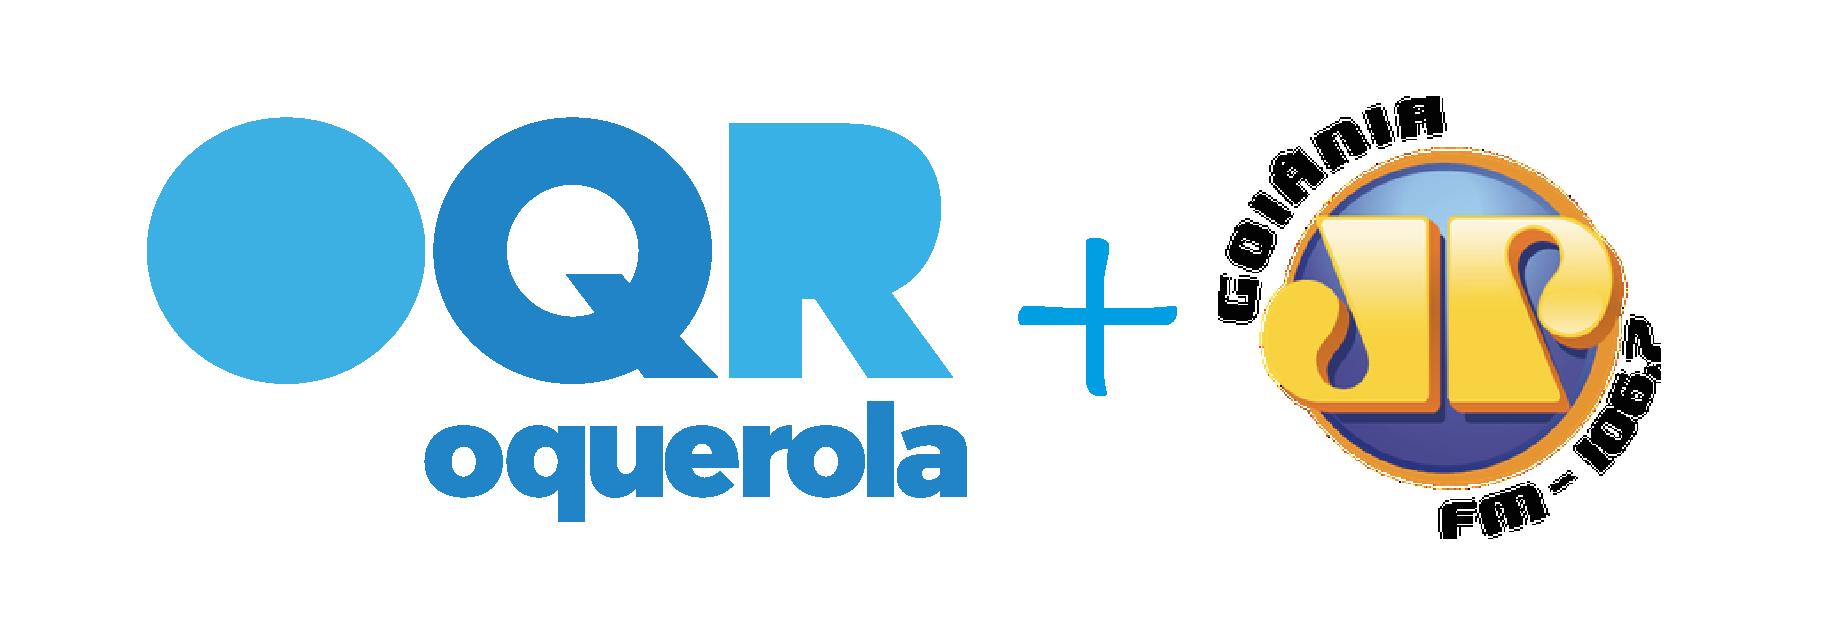 OQueRola e Jovem Pan se unem em plataforma de informação e cultura